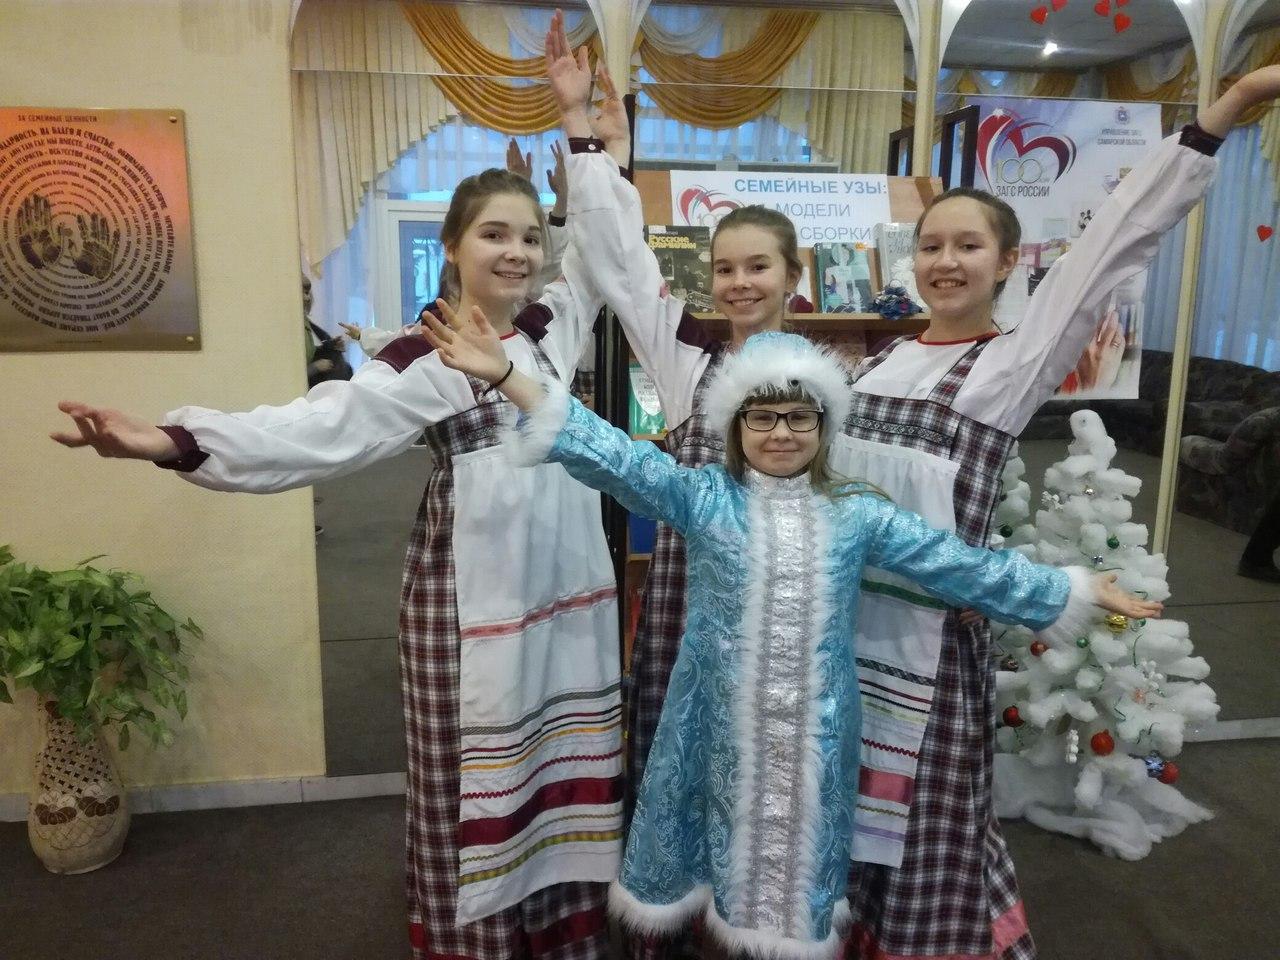 фестиваль чудотворец